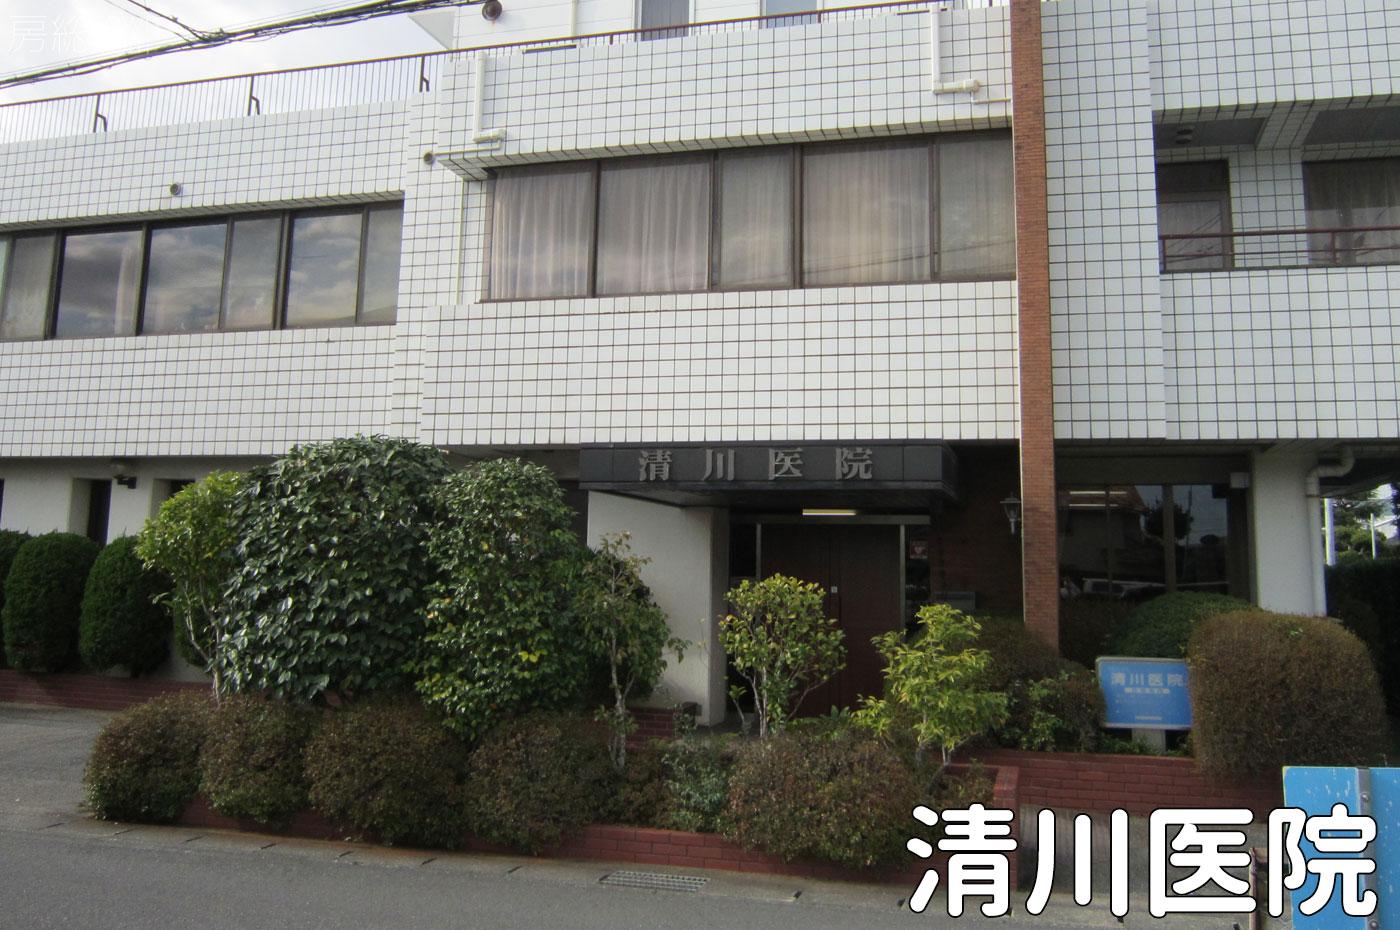 清川医院の玄関